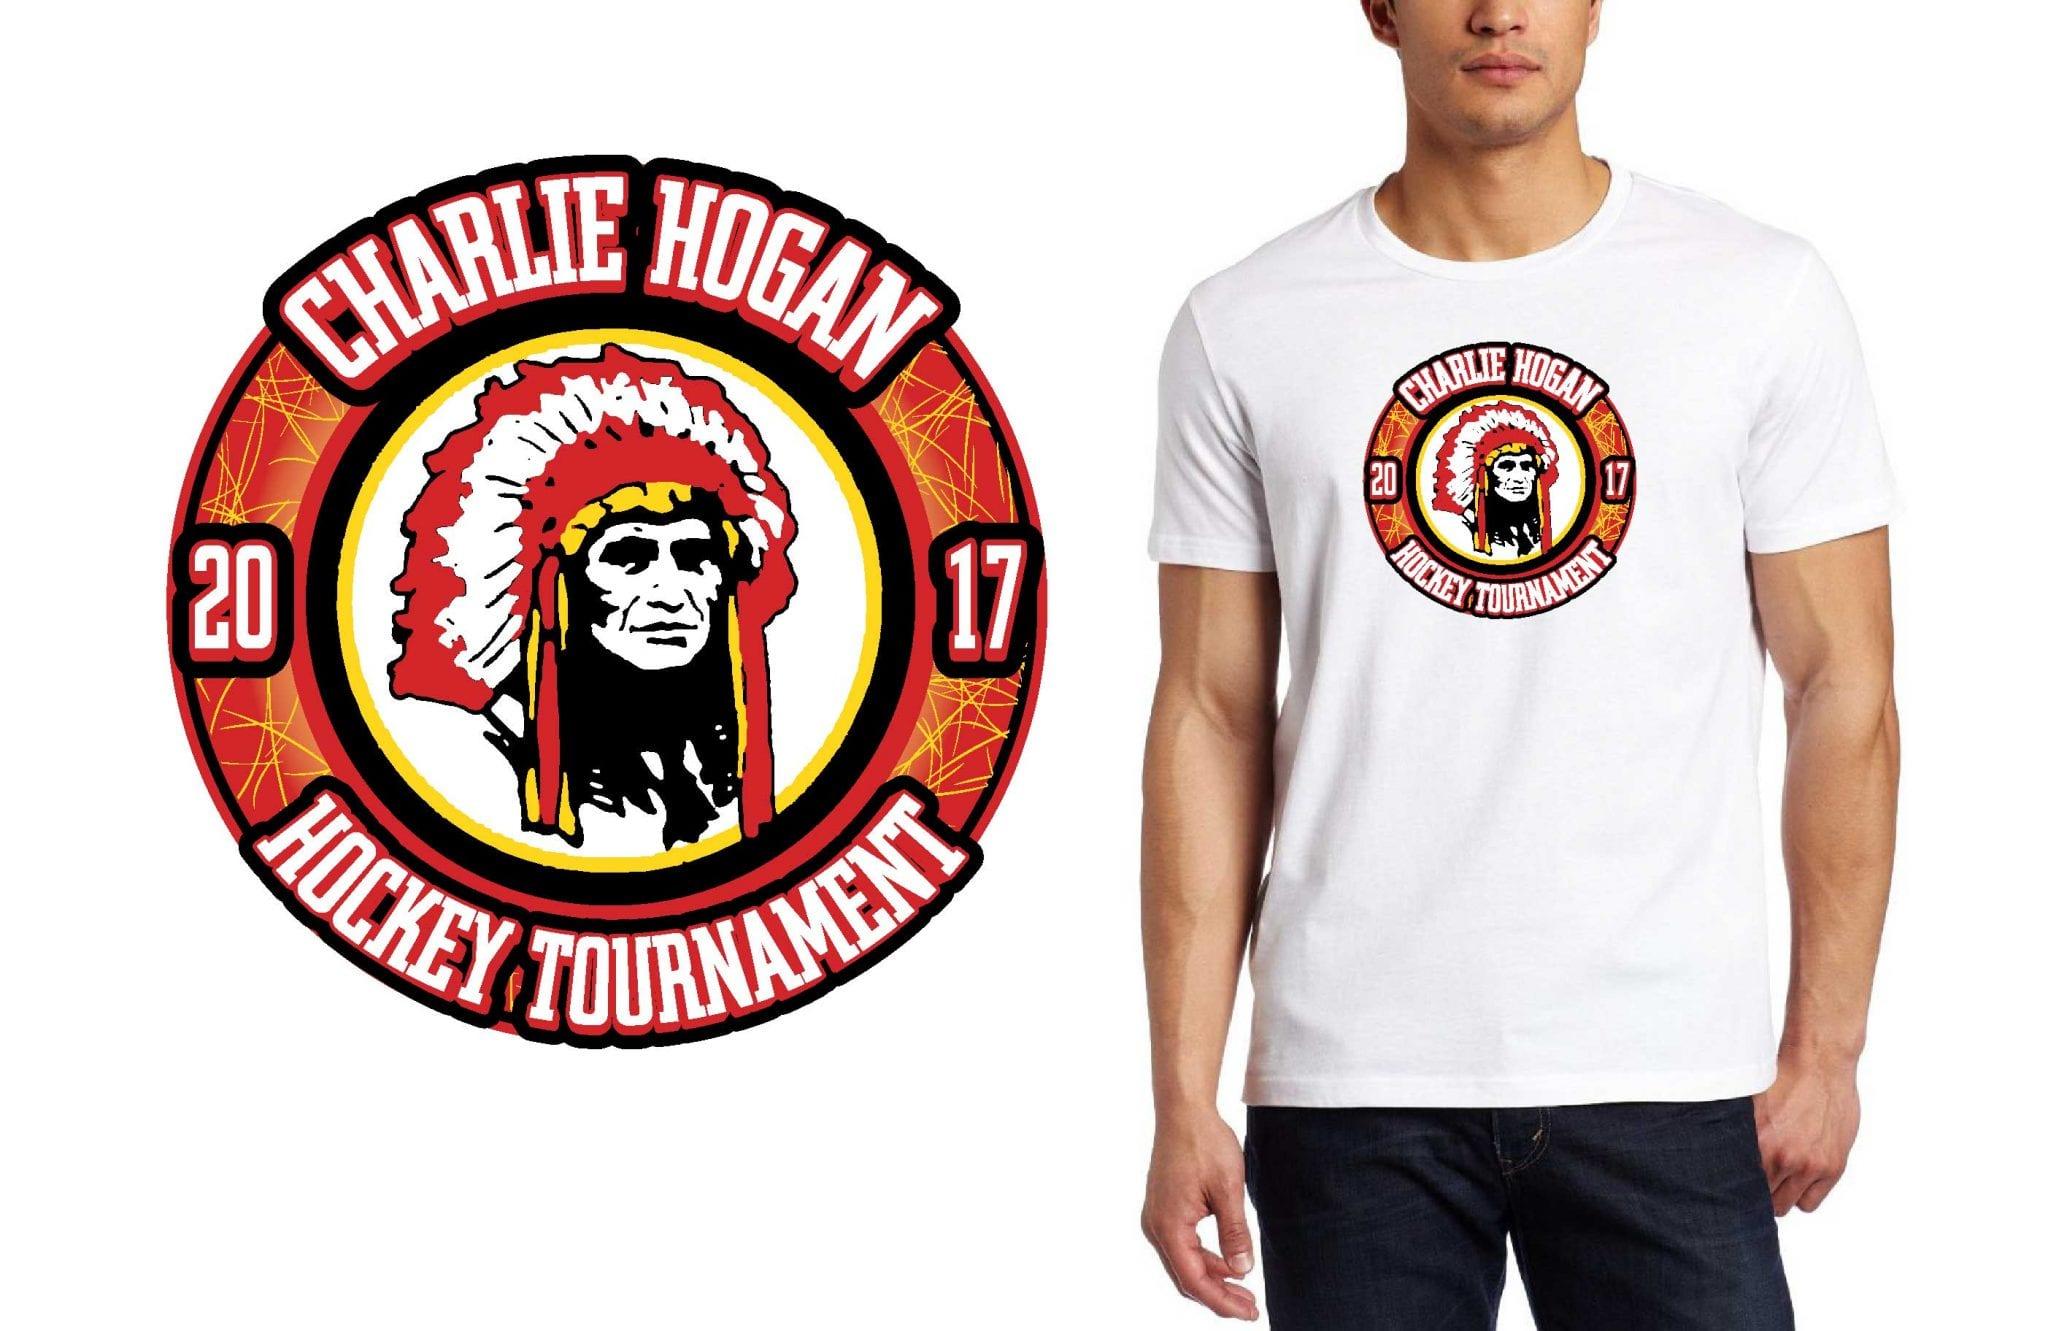 HOCKEY LOGO for Charlie-Hogan-Memorial-Tournament T-SHIRT UrArtStudio